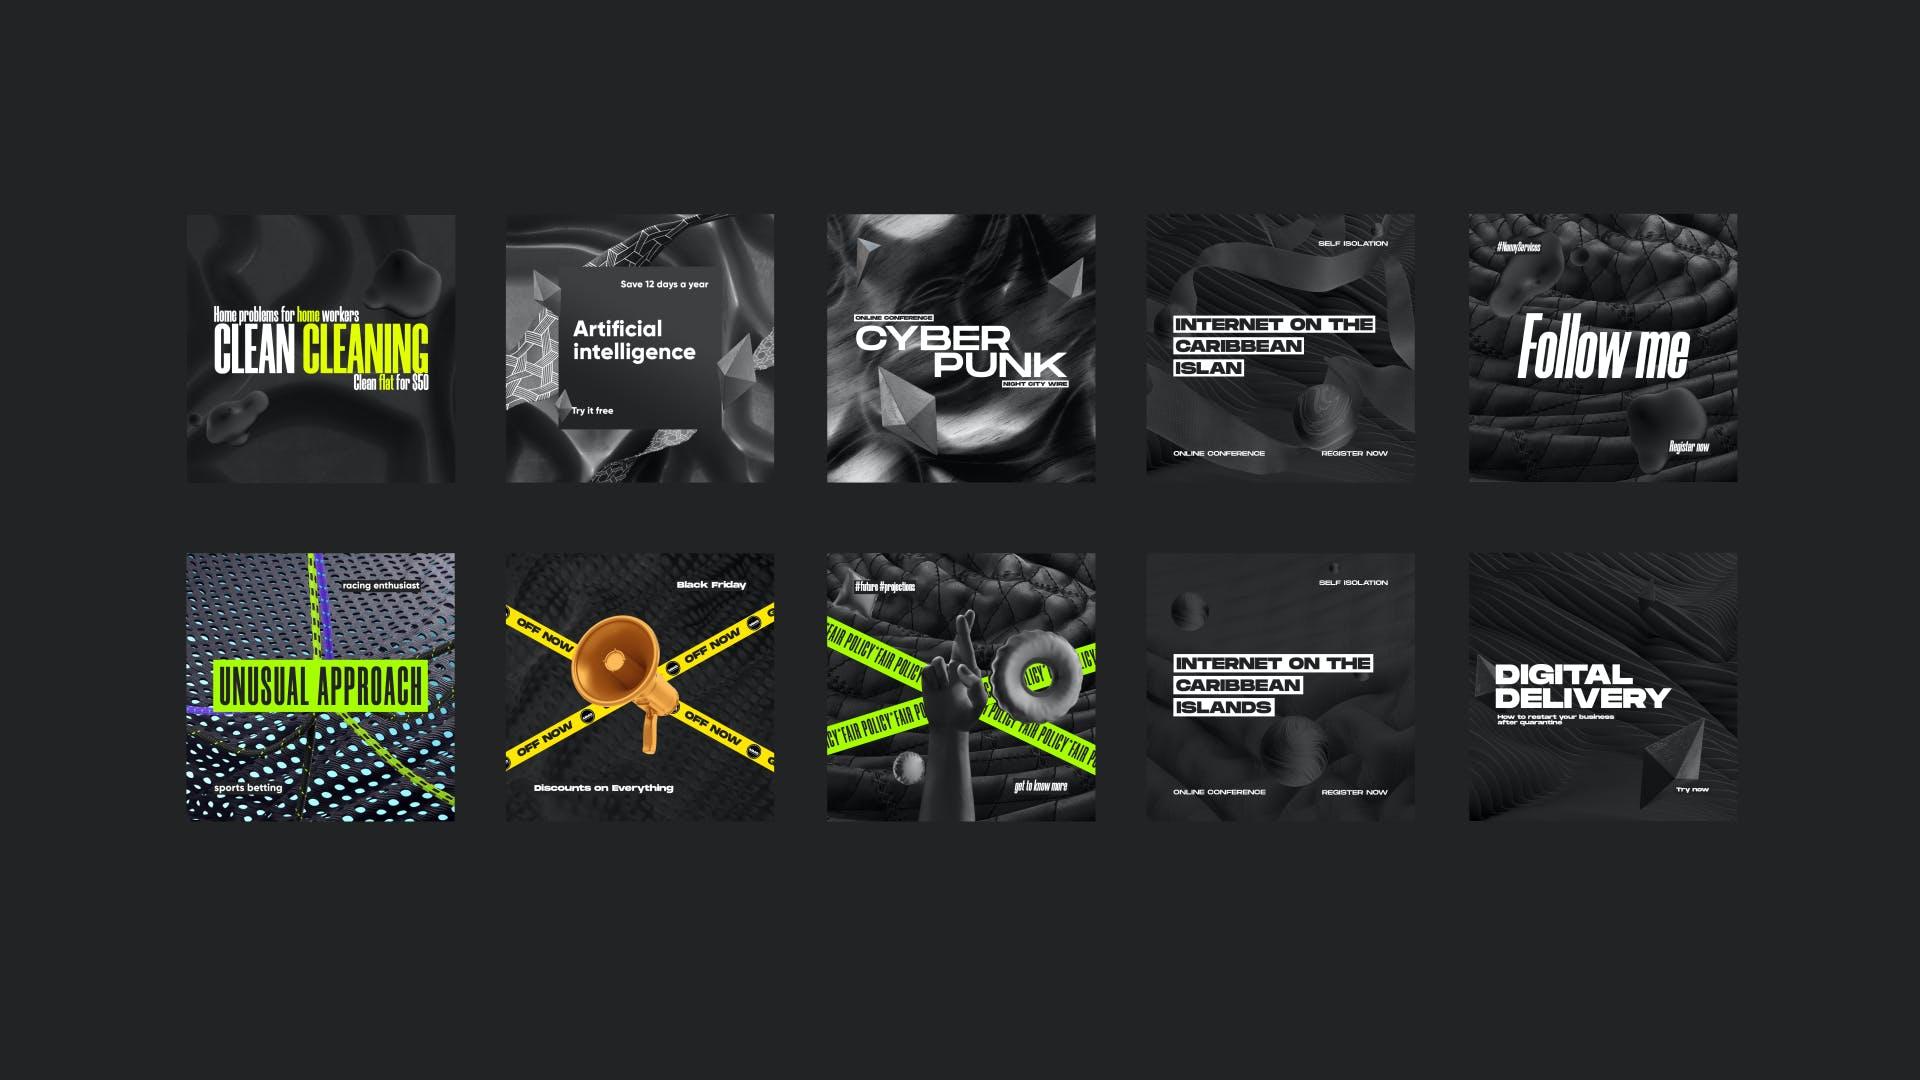 黑色潮牌新媒体推广电商海报设计模板合集 Black Social Media Pack插图(1)